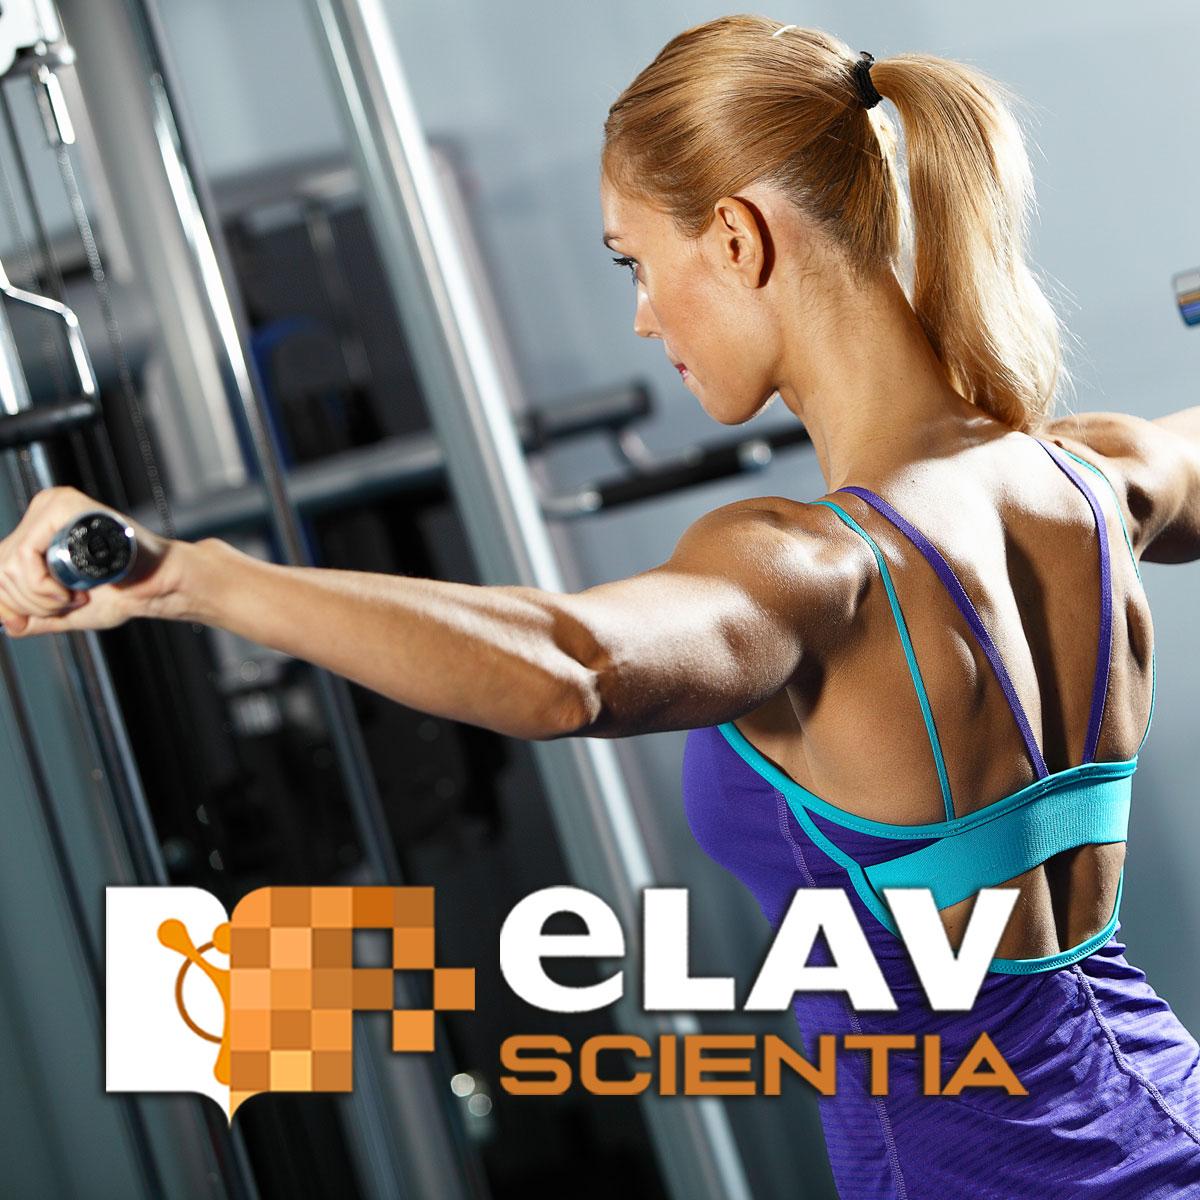 Analisi Elettromiografica Delle Variazioni Nelle Alzate Laterali E Frontali In Bodybuilders Competitivi